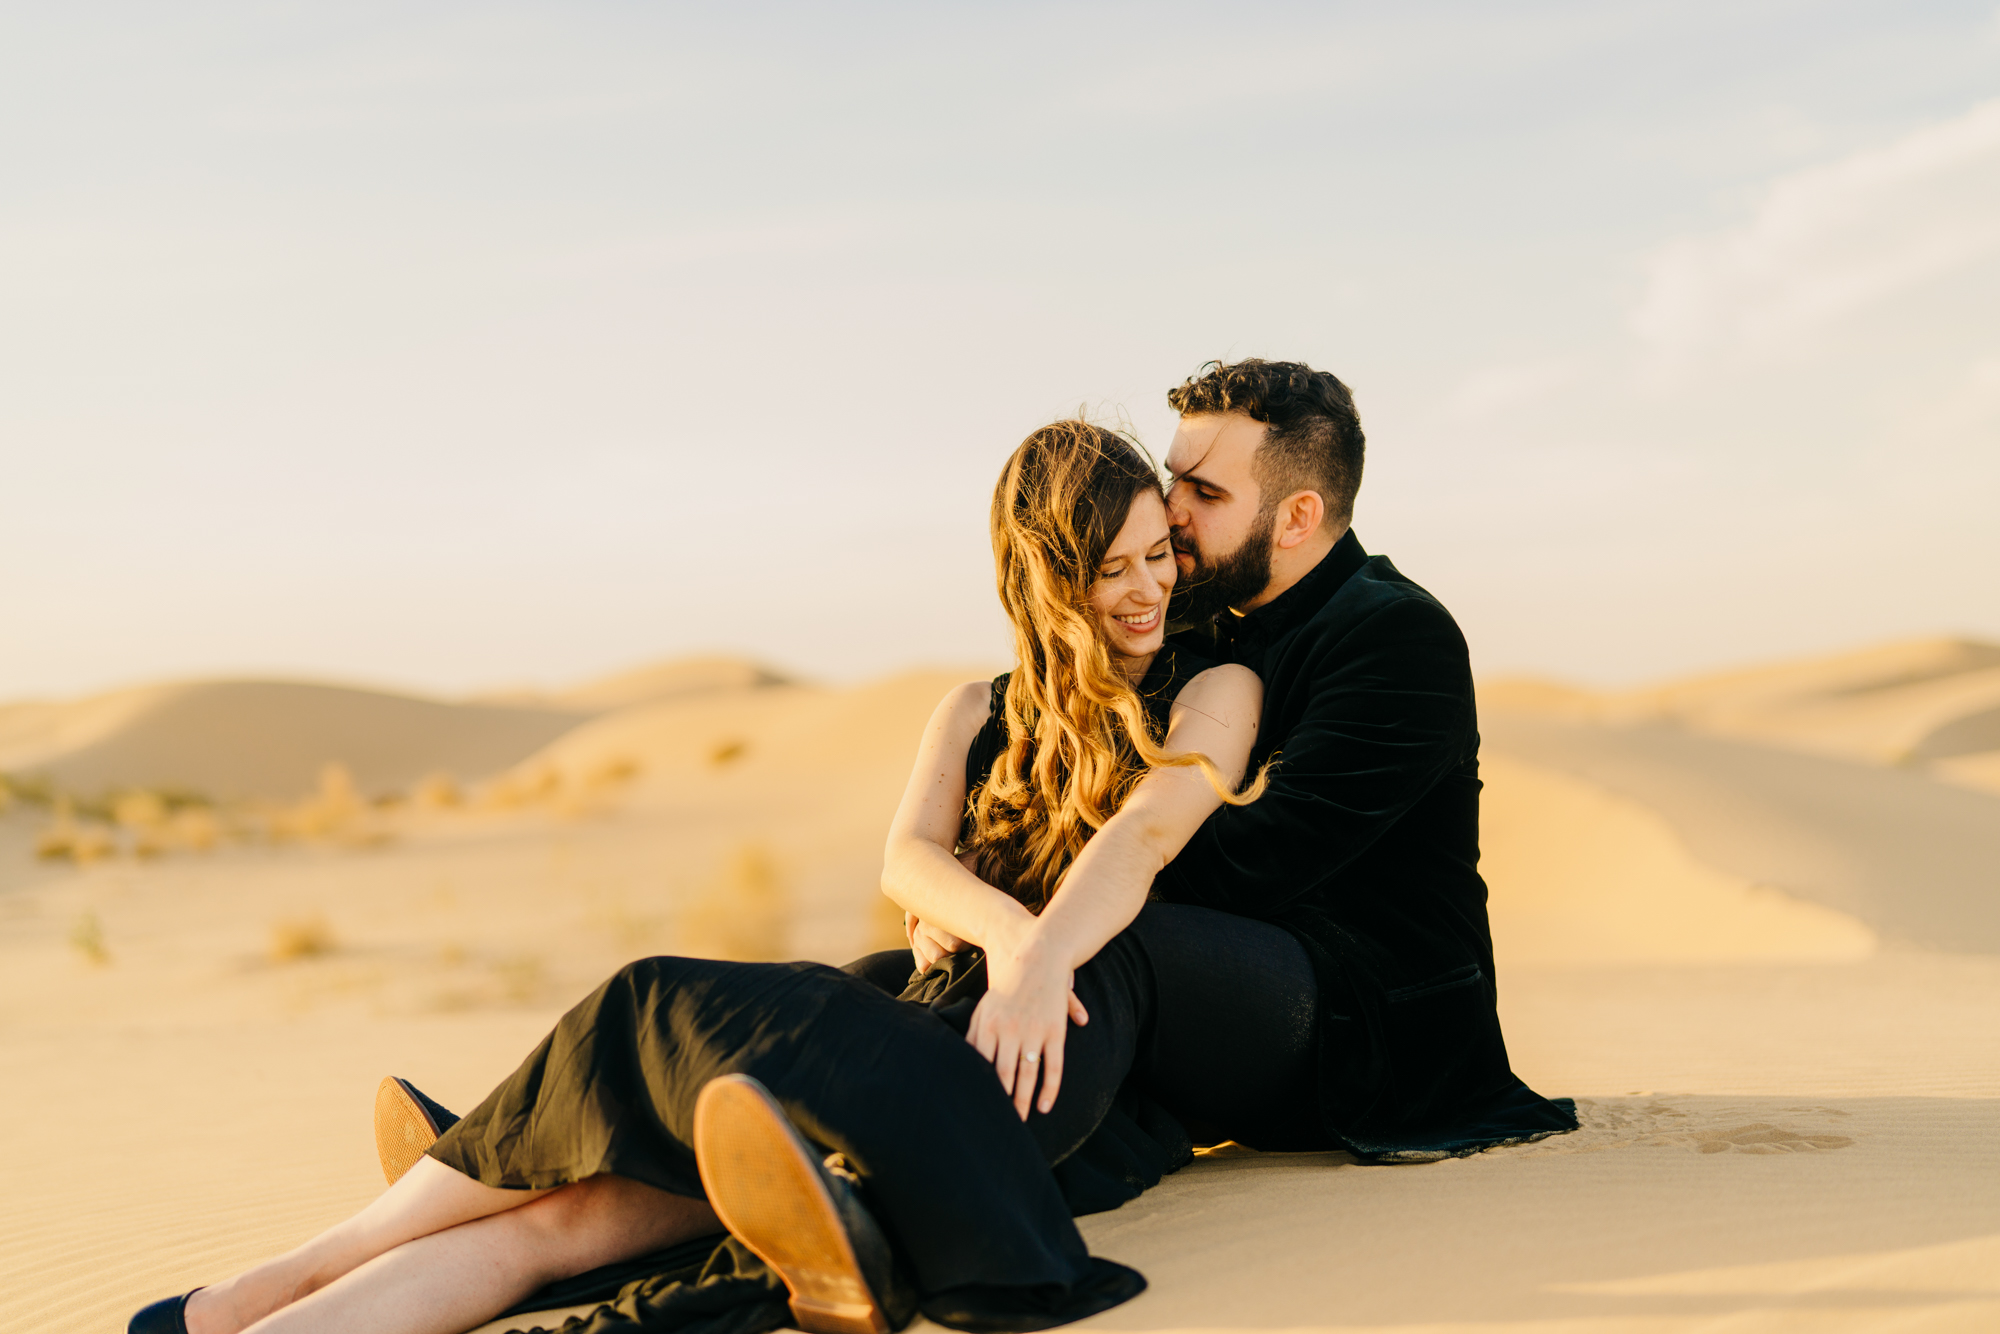 pouya-mack-imperial-sand-dunes-engagement-fine-art-7.jpg